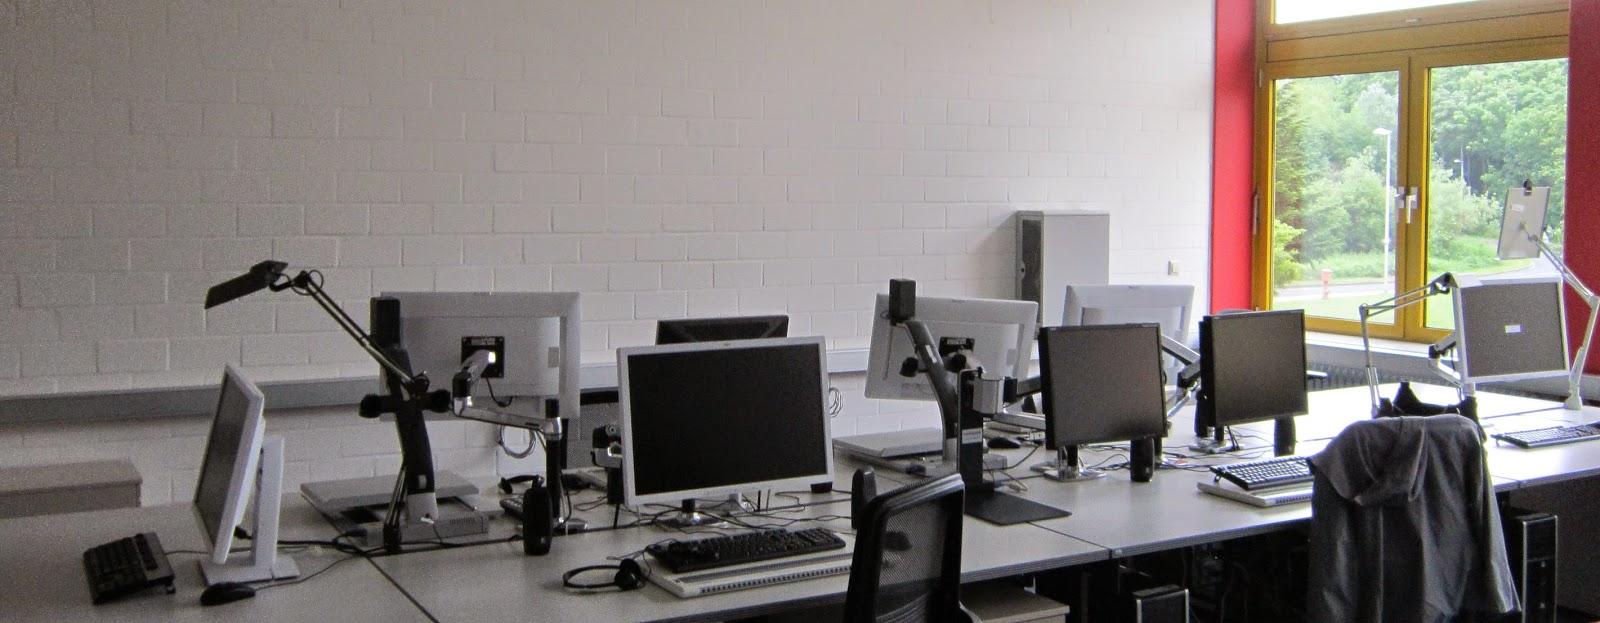 Fotografia panorâmica da sala para o projeto DADO